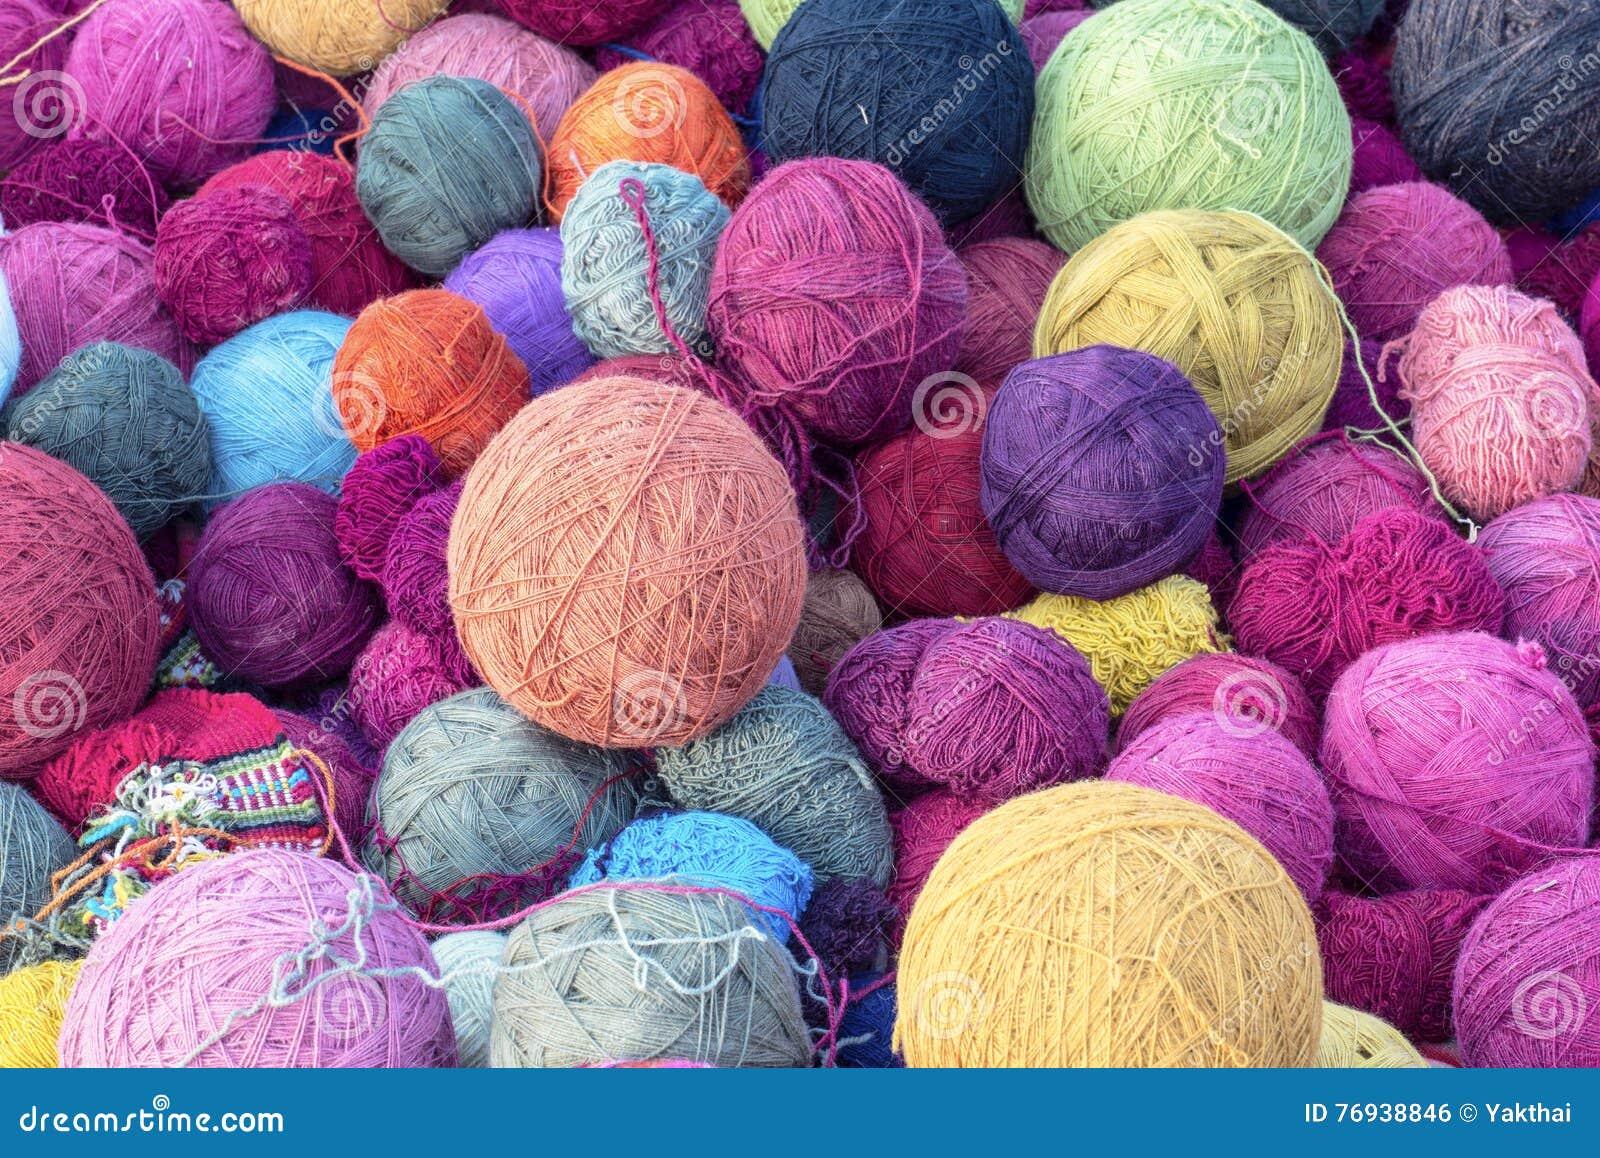 Bunte silk Bälle des Wollgarns für spinnende strickende Gewebe im cusco, Peru